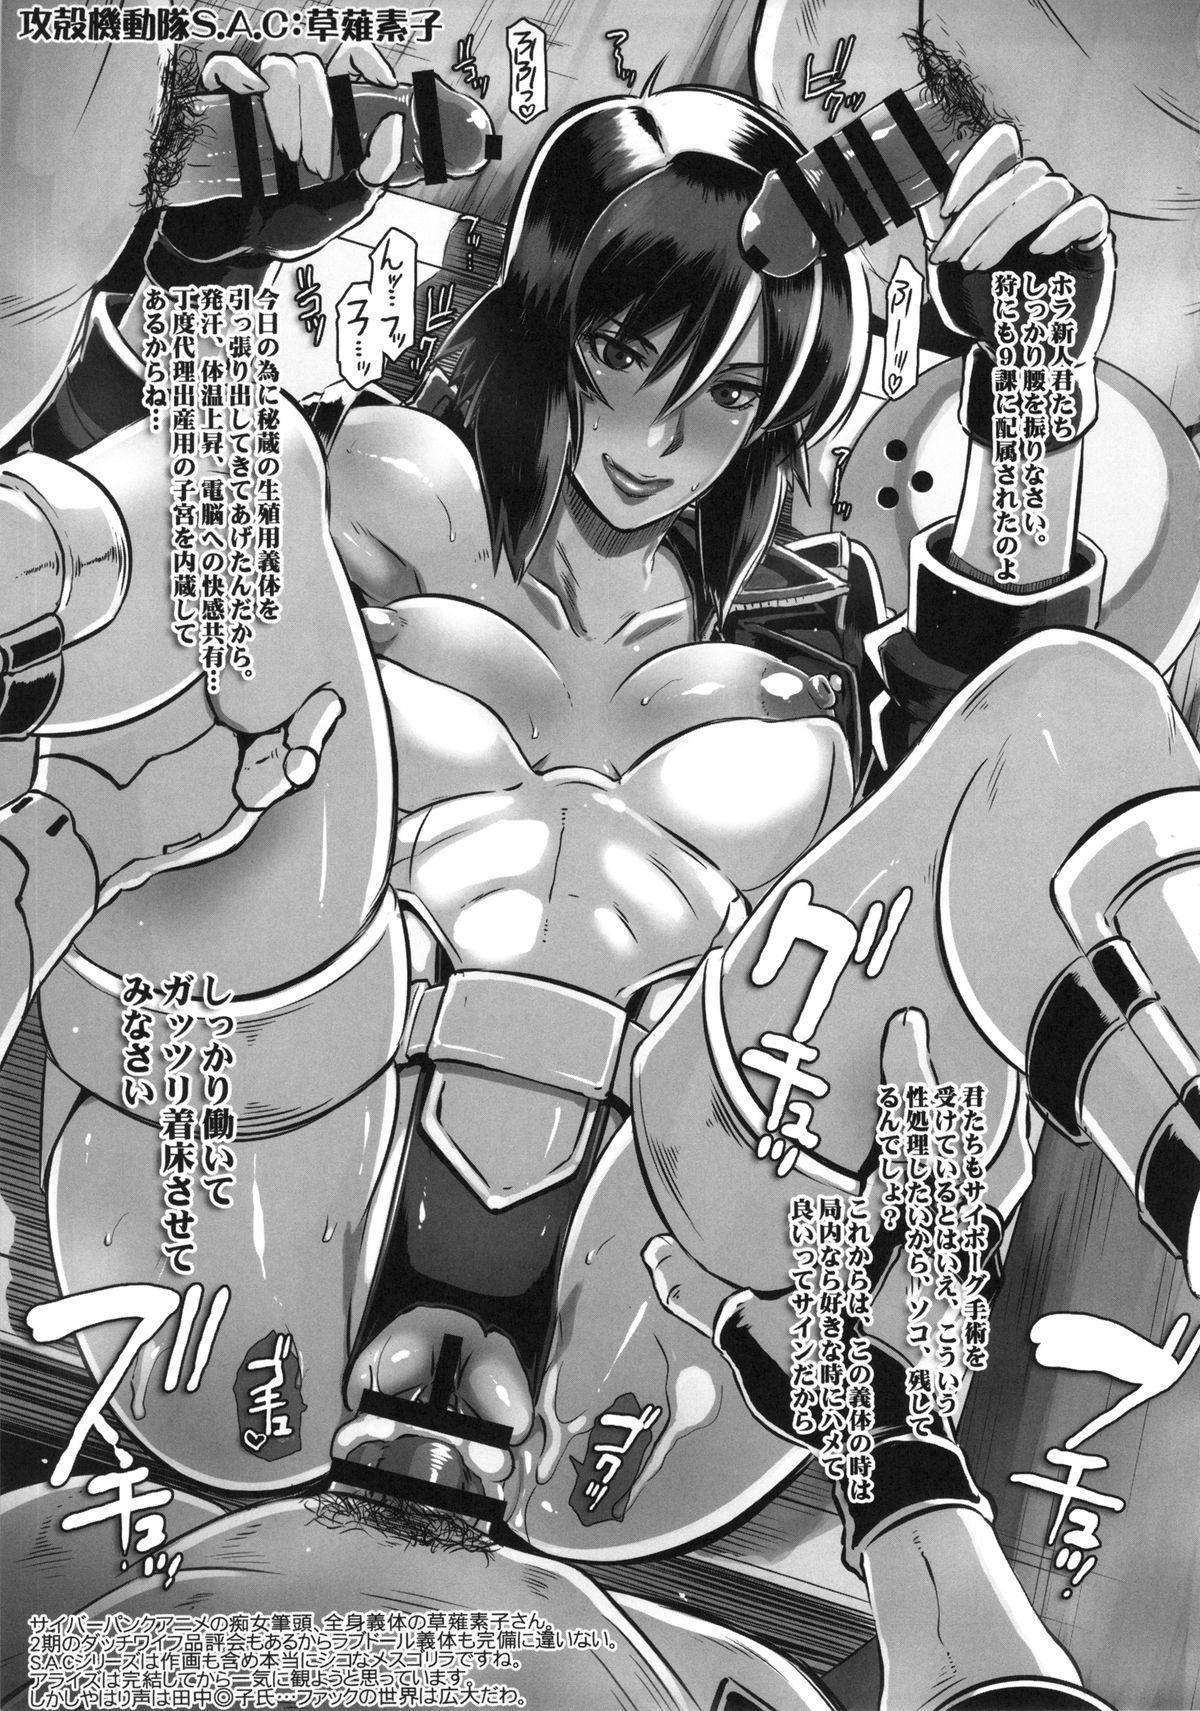 Omake Sasshi Sairoku Matomebon 9